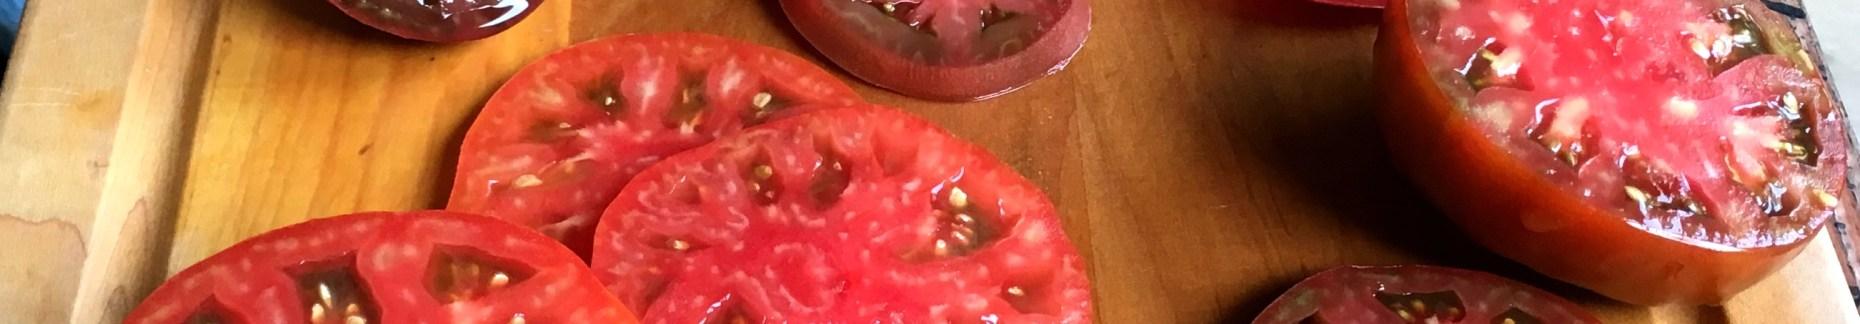 Growing the Best Heirloom Tomatoes